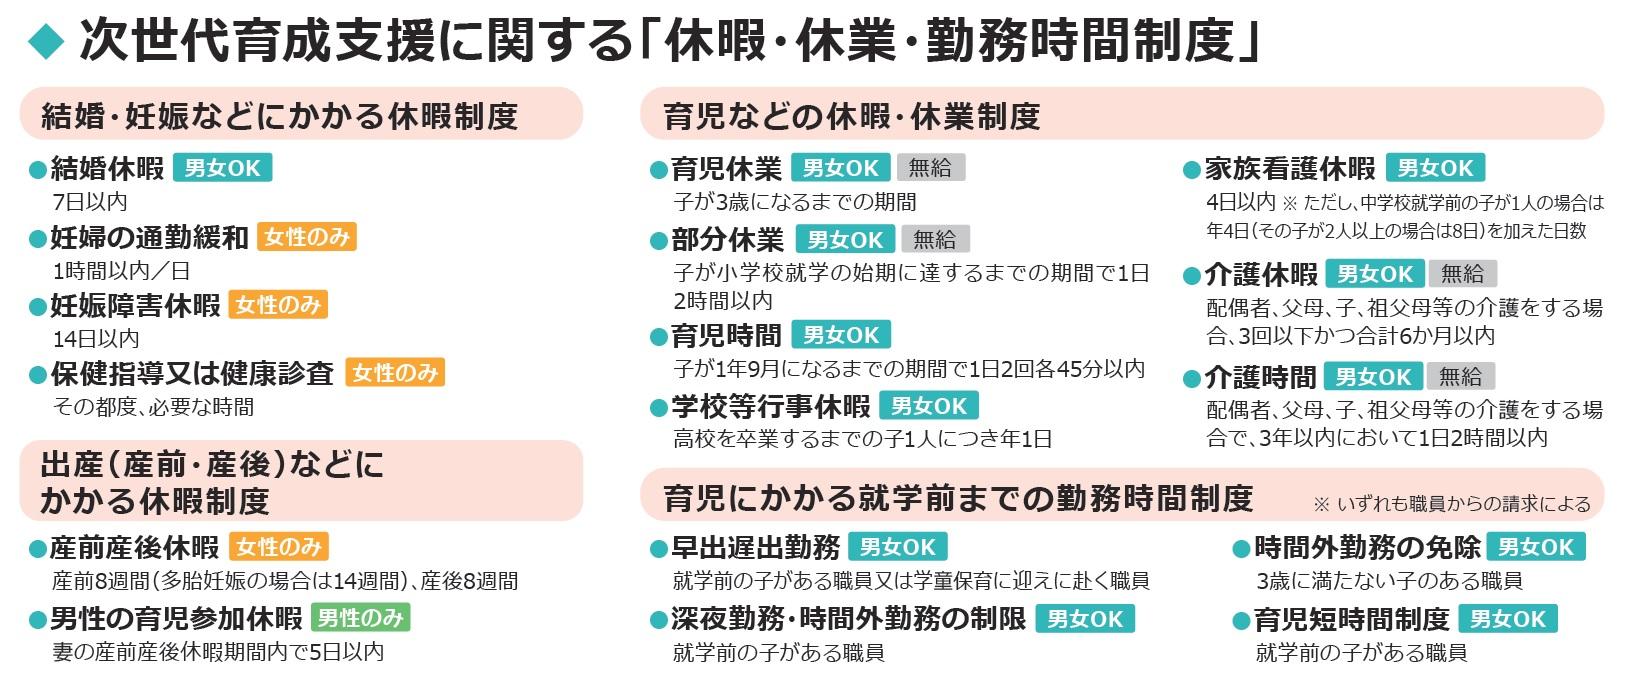 三重県庁_仕事の魅力